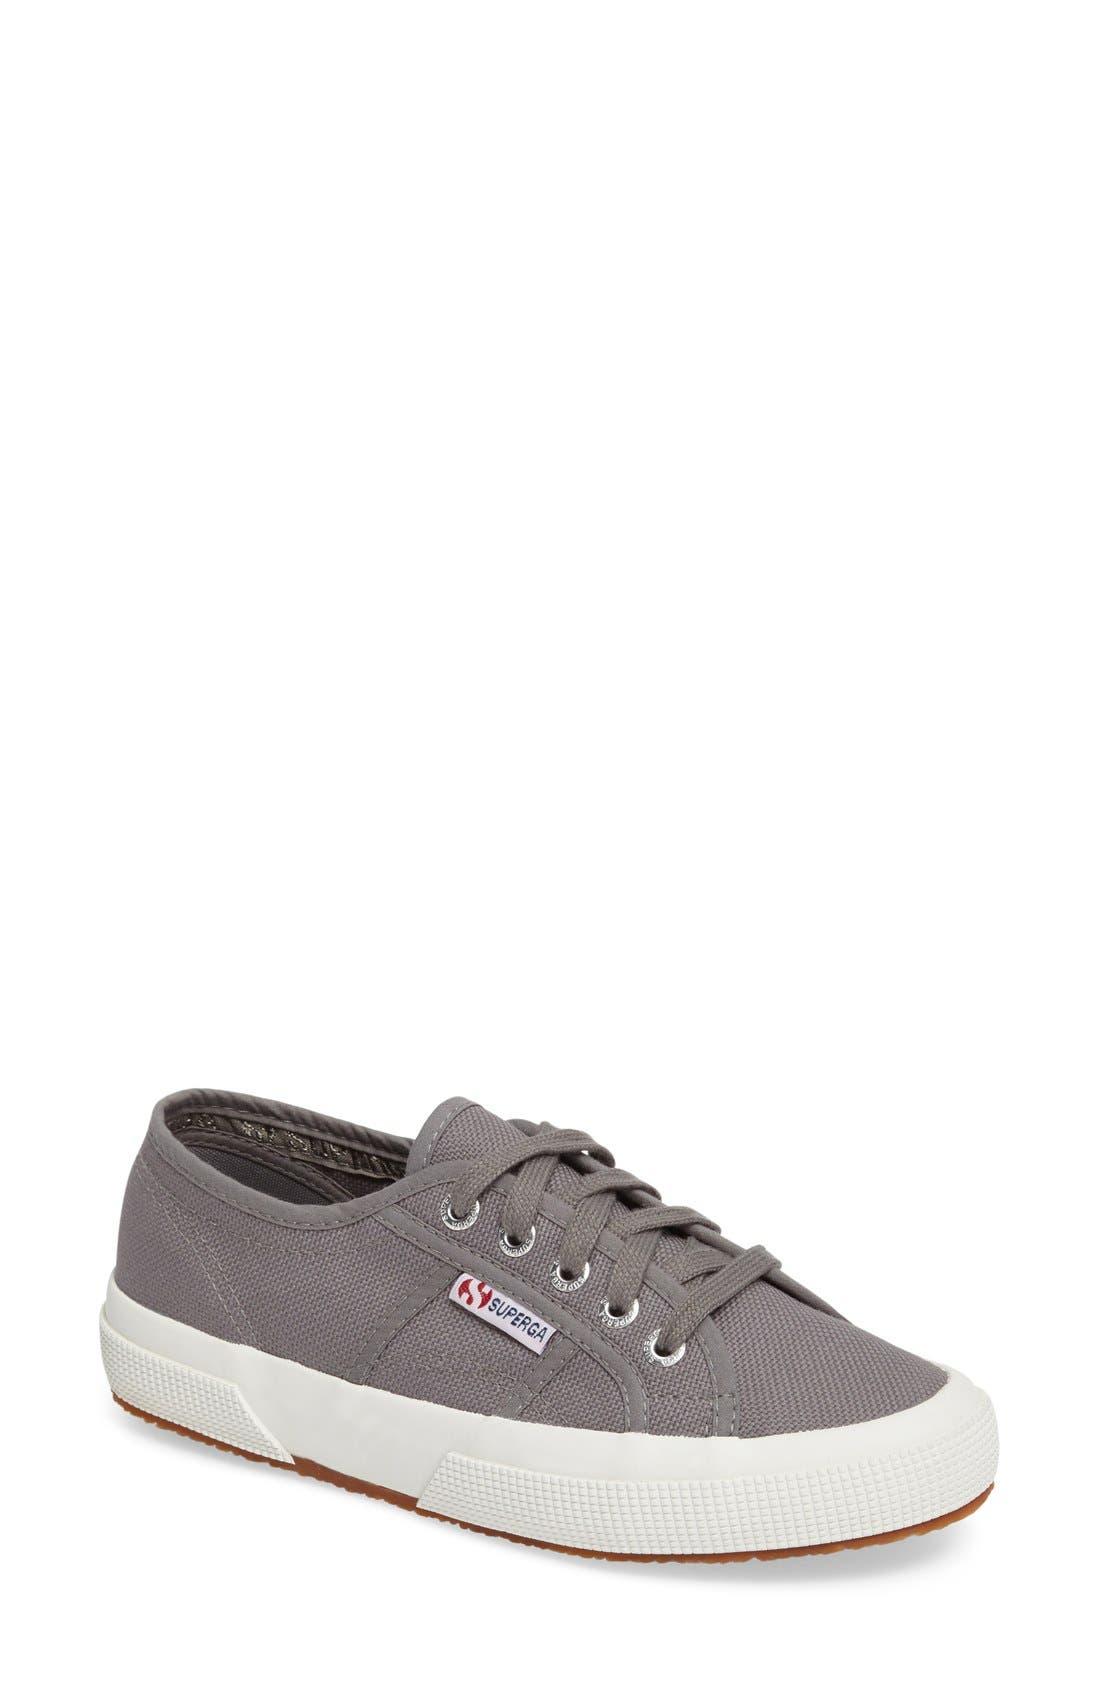 'Cotu' Sneaker,                         Main,                         color, Grey Sage Canvas